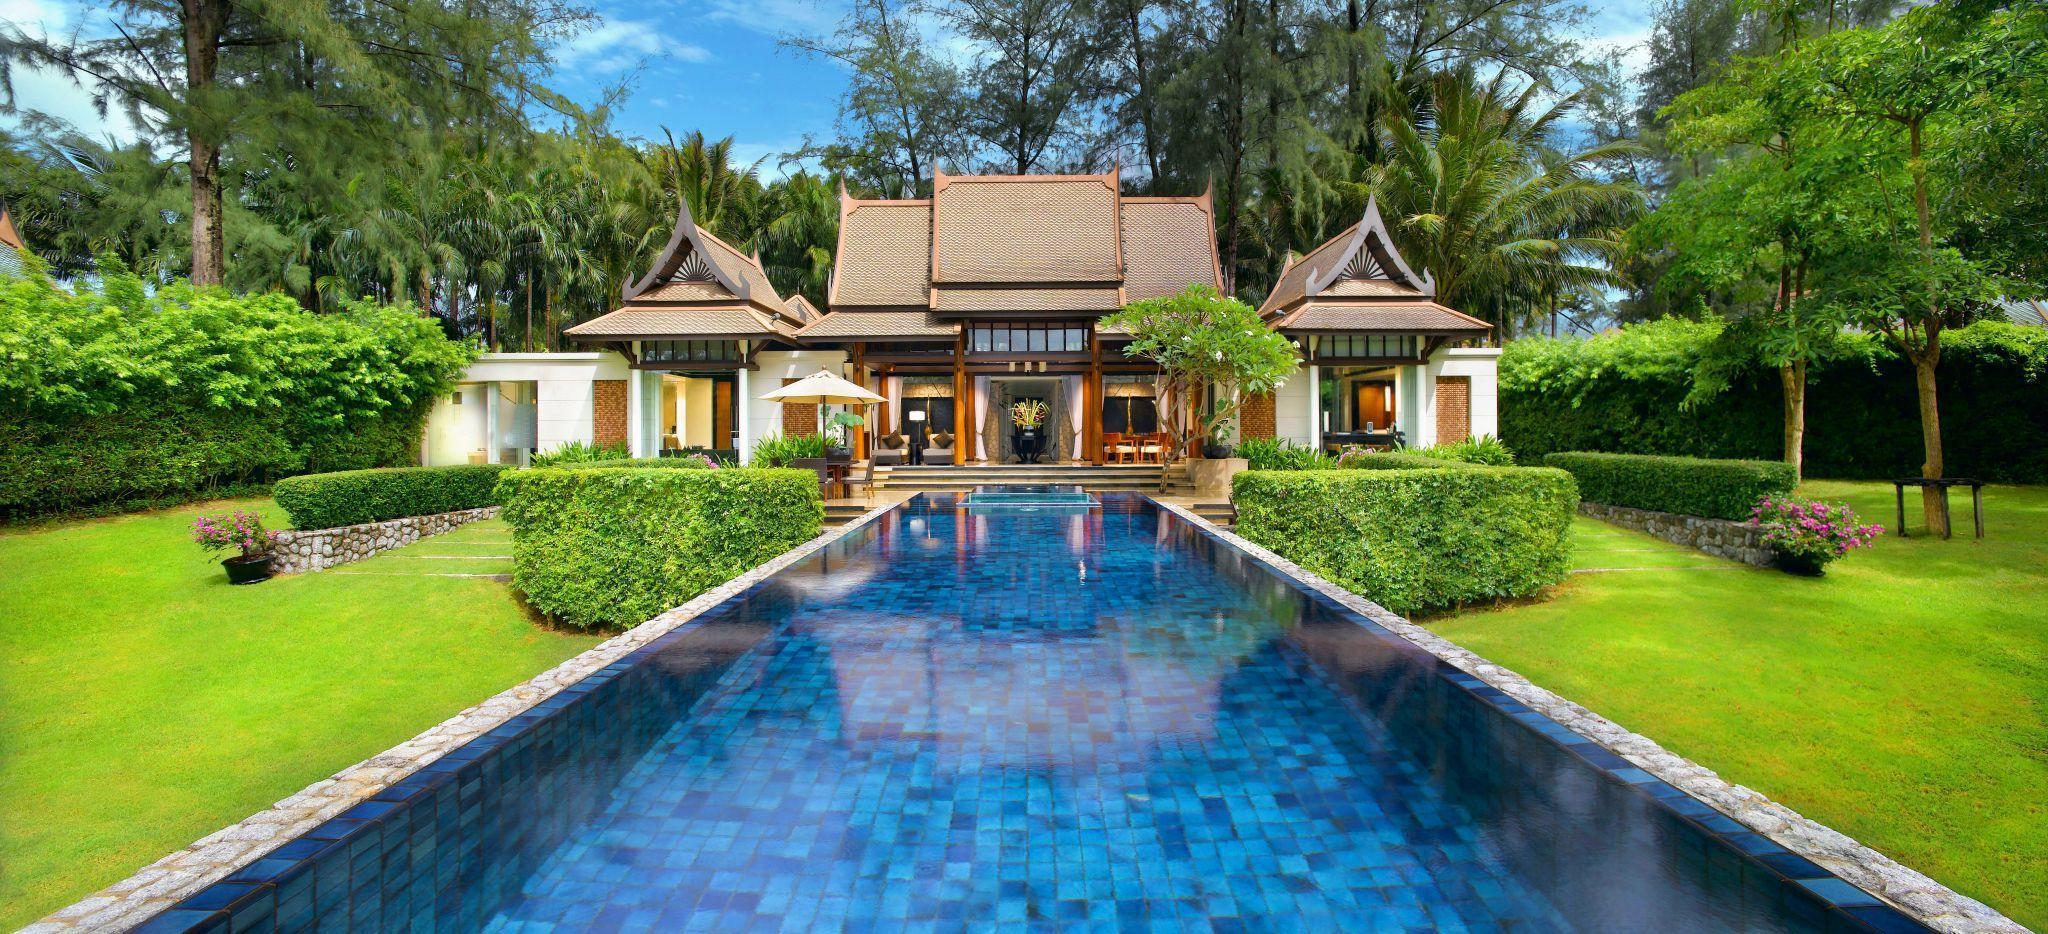 Ein sehr langer Pool, der zu einem Hotelgebäude im Stil eines Thailändischen Tempels